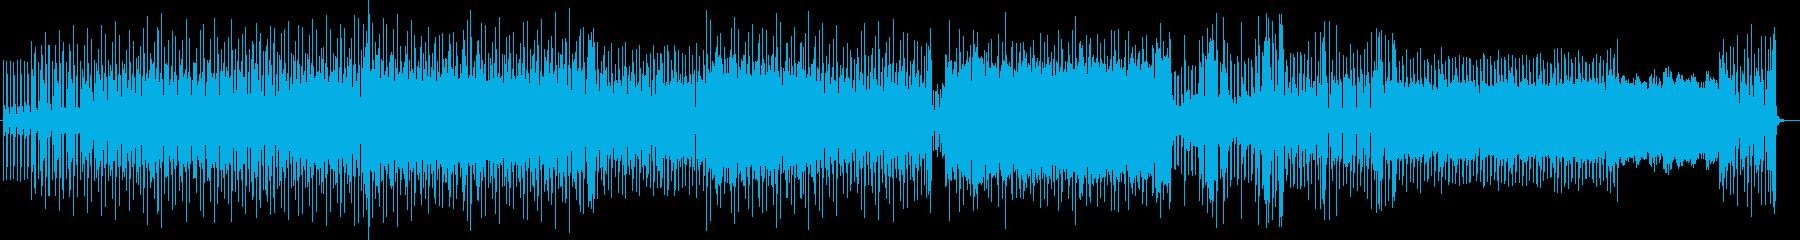 爽快な現代的テクノミュージックの再生済みの波形